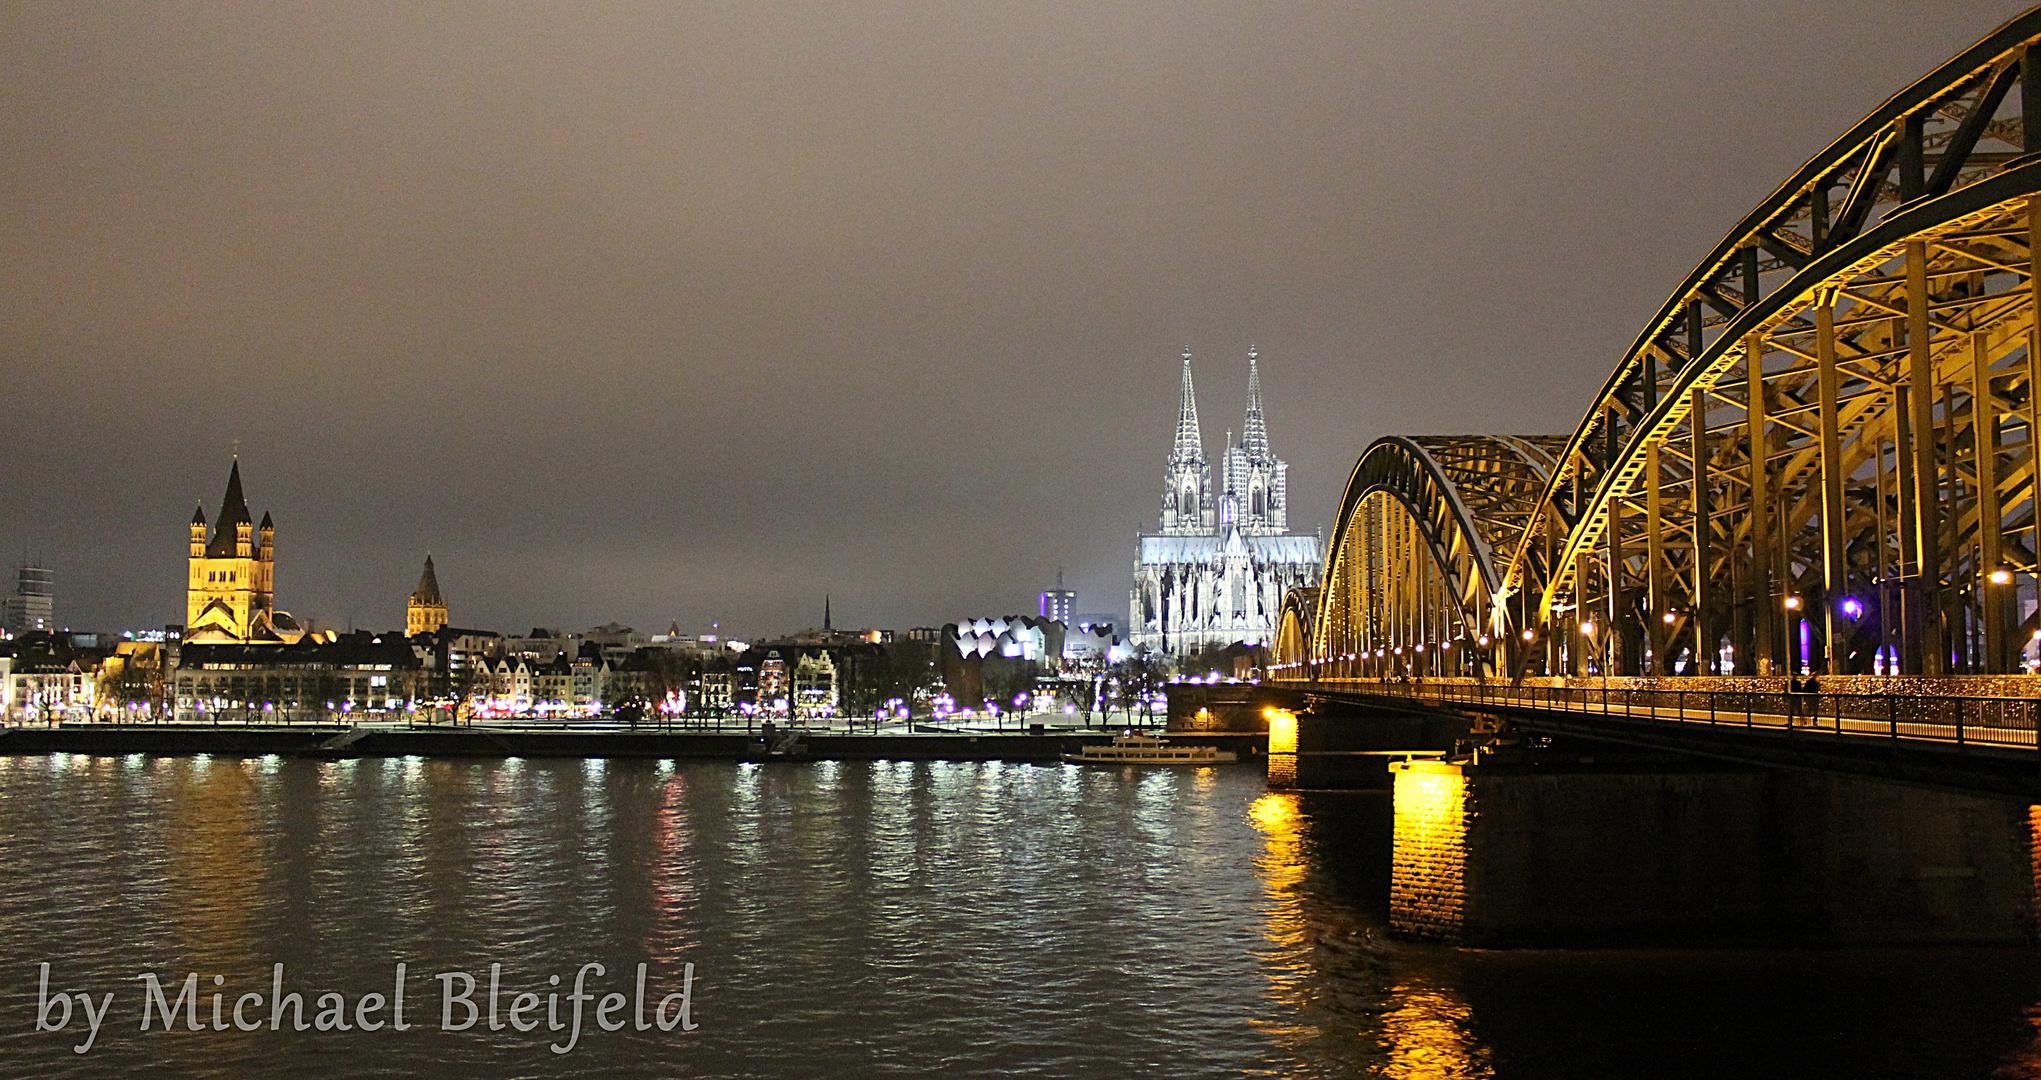 Das Herz von Köln